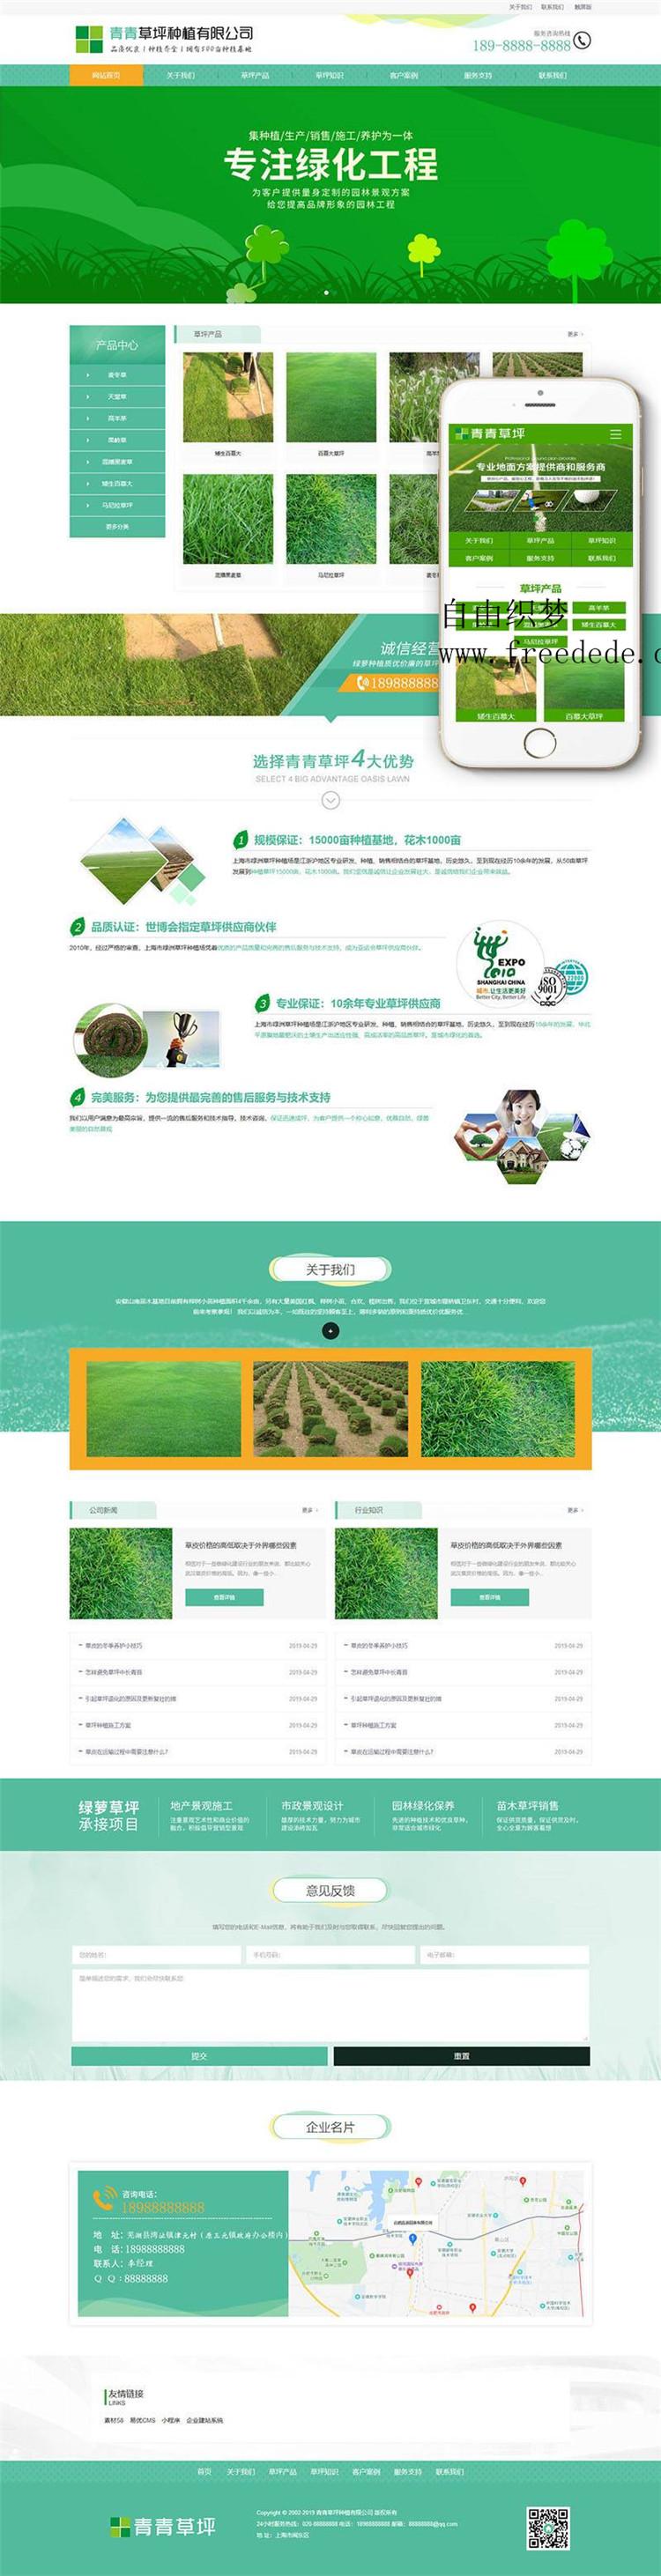 爱上源码网文章dedecms模板下载 苗木草坪种植类网站织梦模板(带手机端)的内容插图